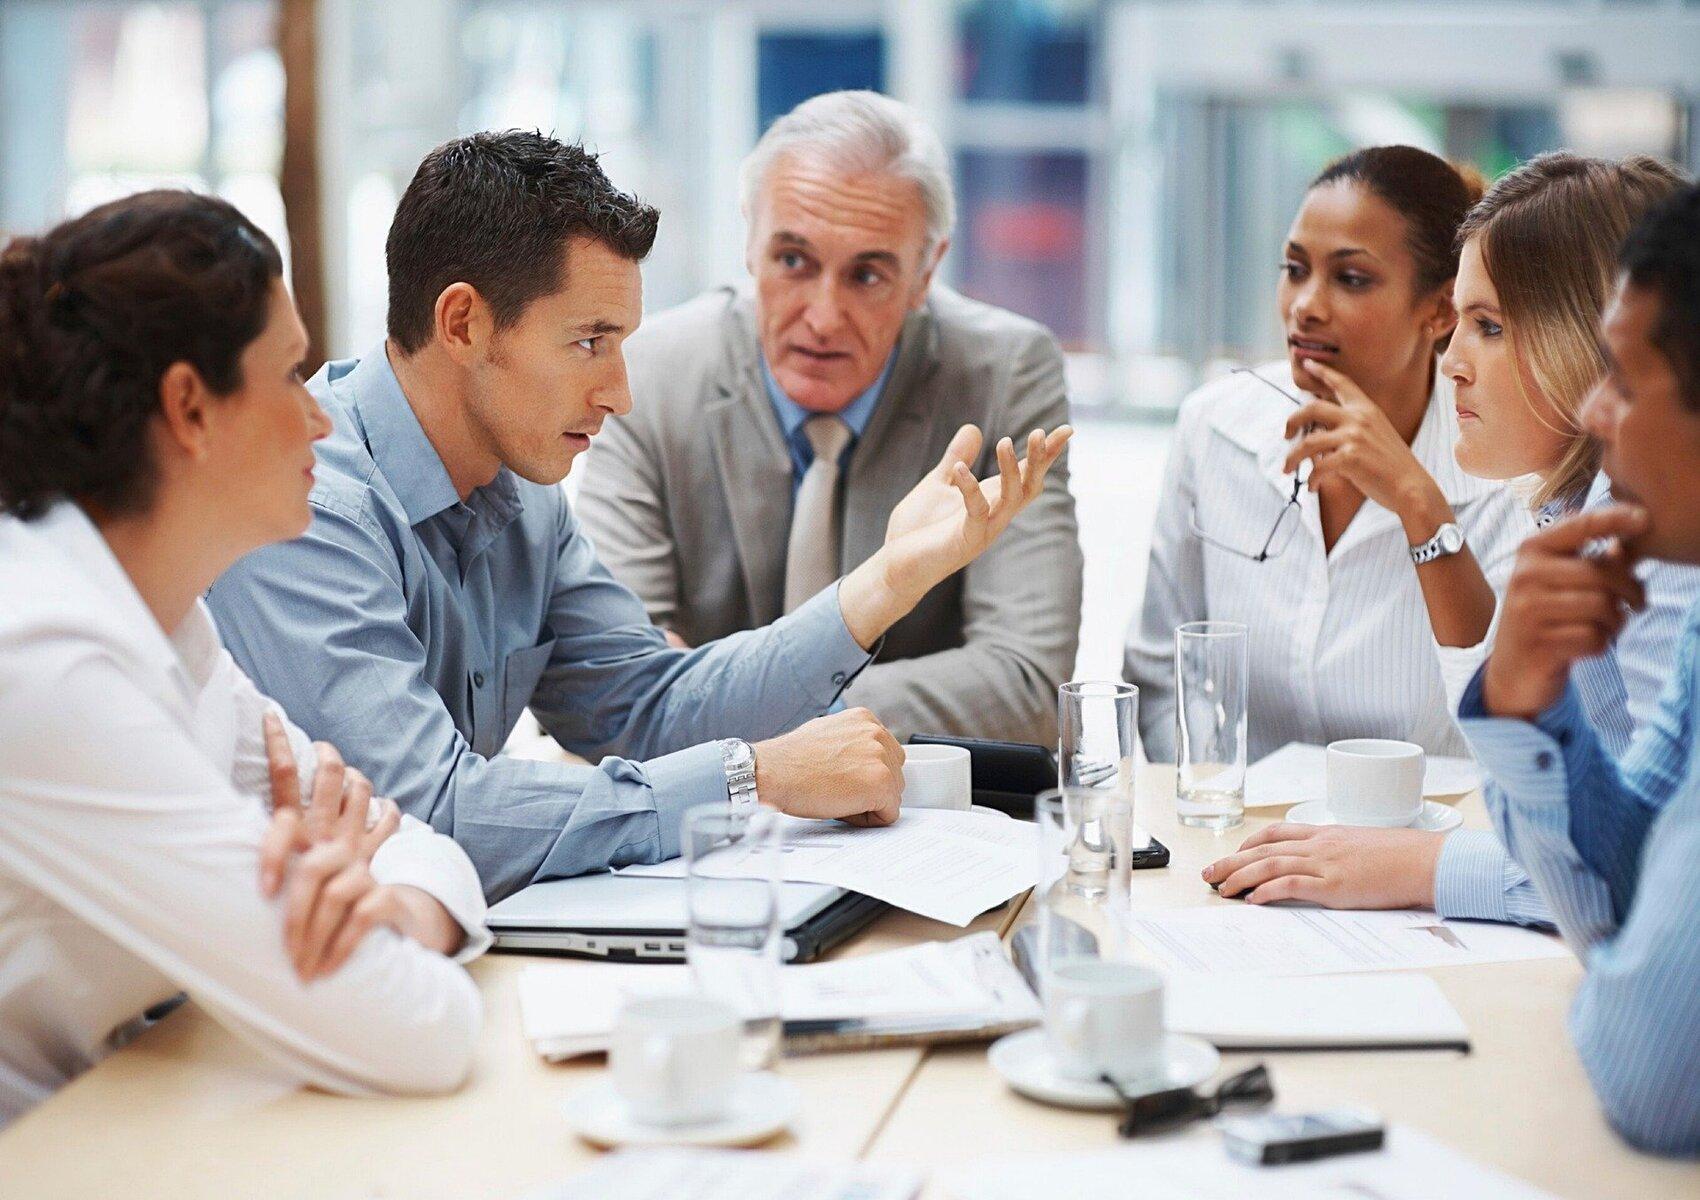 Gruppo di imprenditori che trovano conforto nel dialogo e nel confronto alla pari